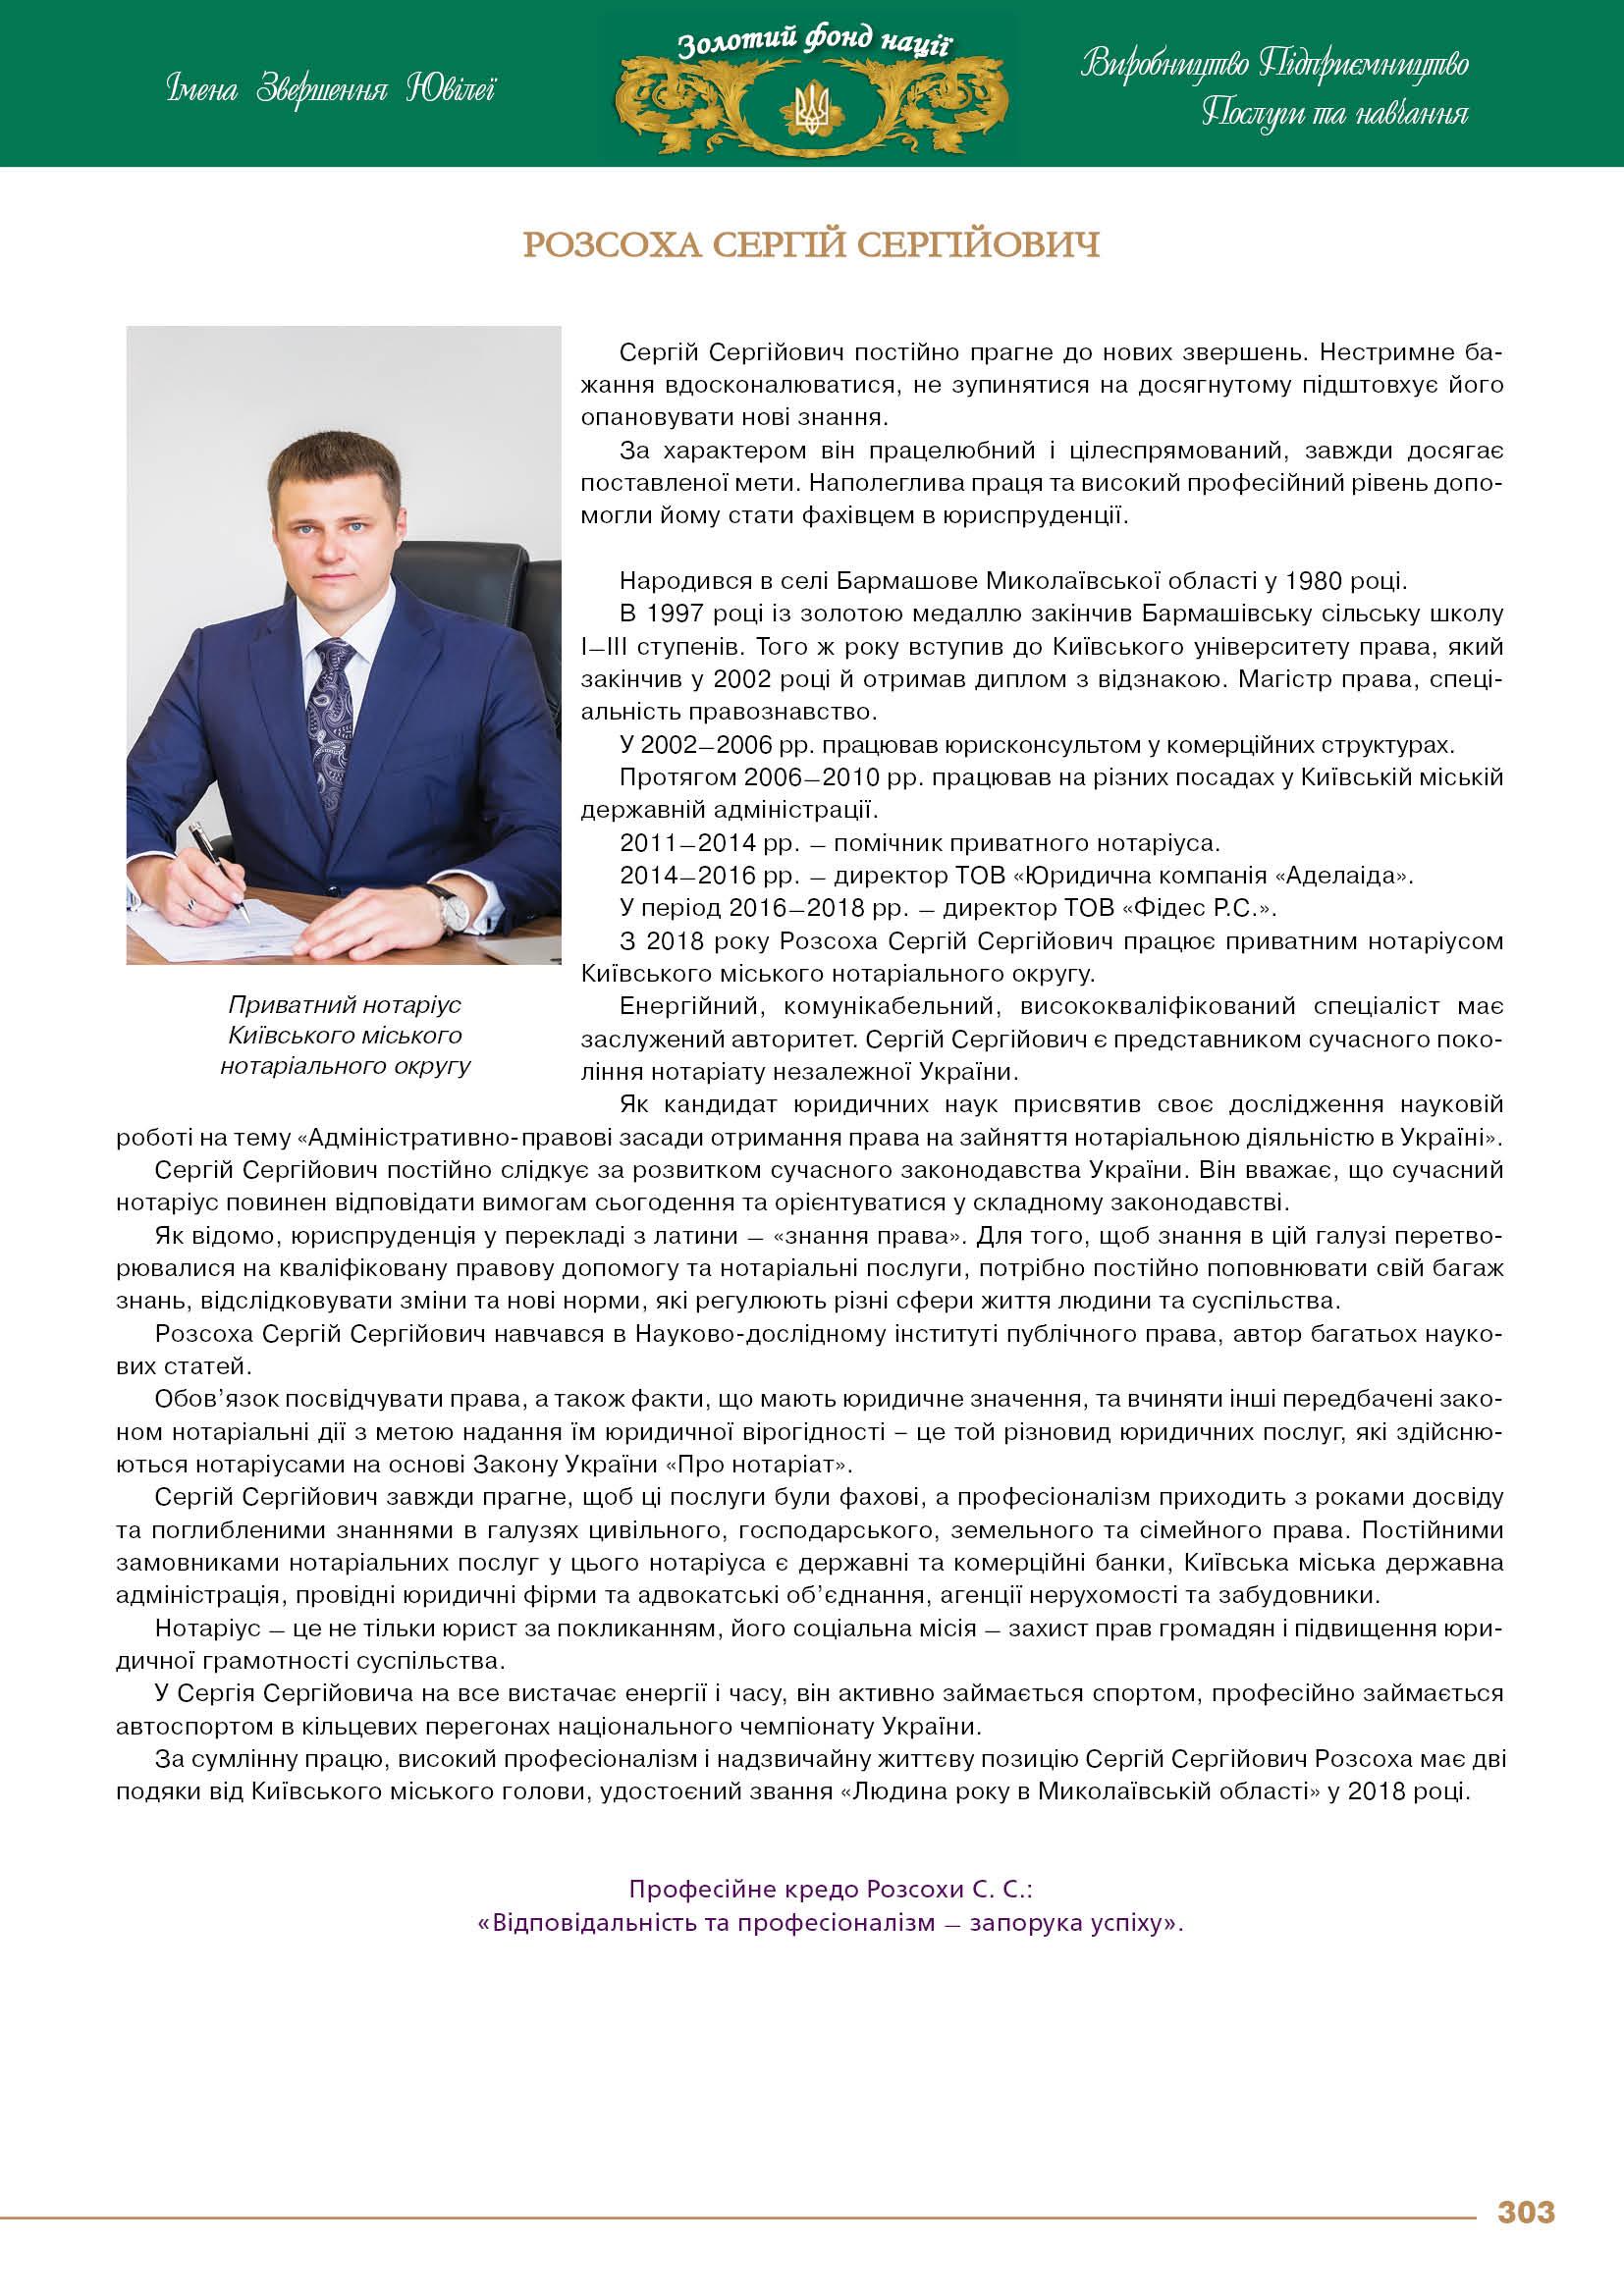 Розсоха Сергій Сергійович